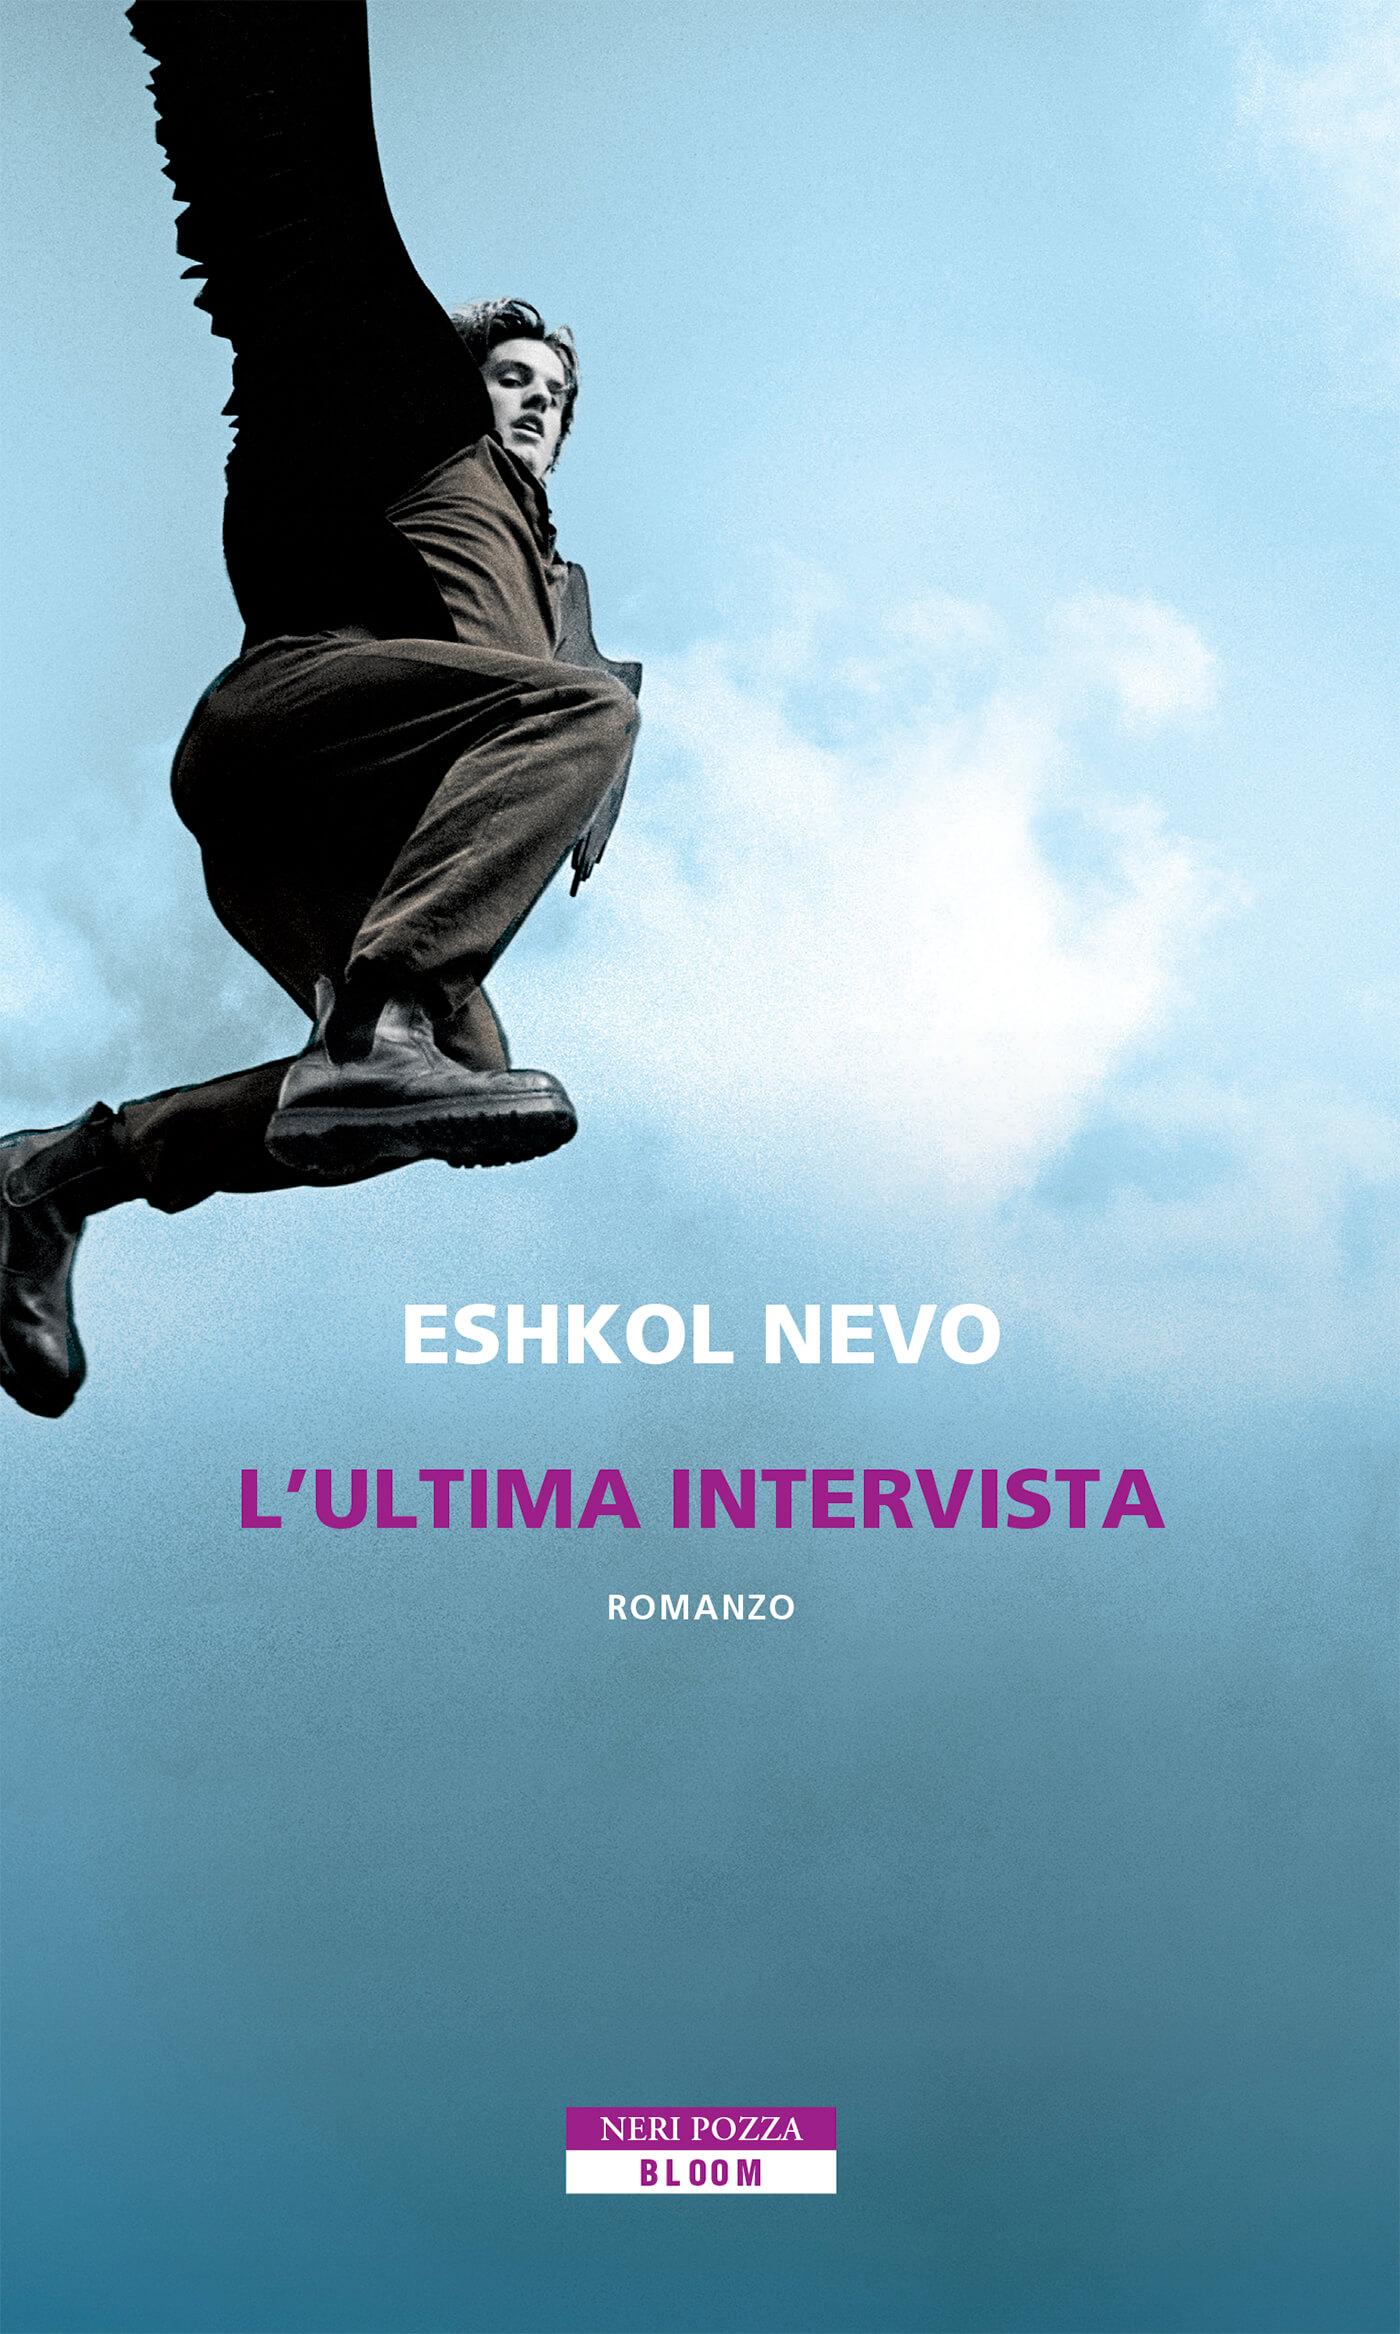 Libri Ottobre 2019 - L'ultima intervista - Eshkol Nevo - Neri Pozza